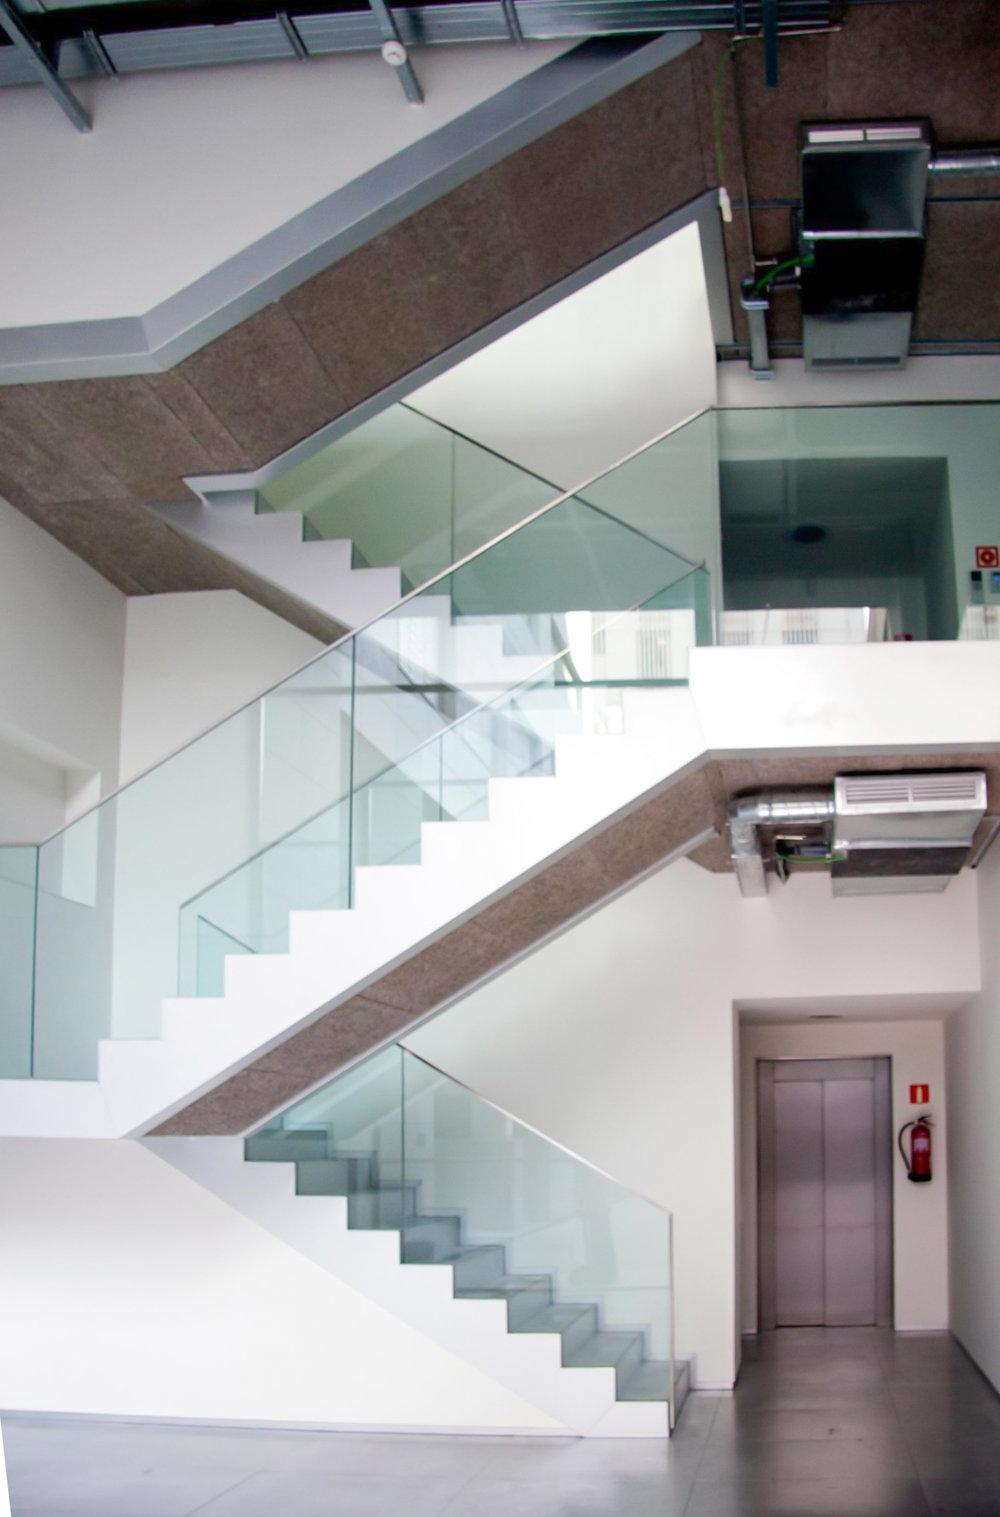 glasshandrail.entry.jpg